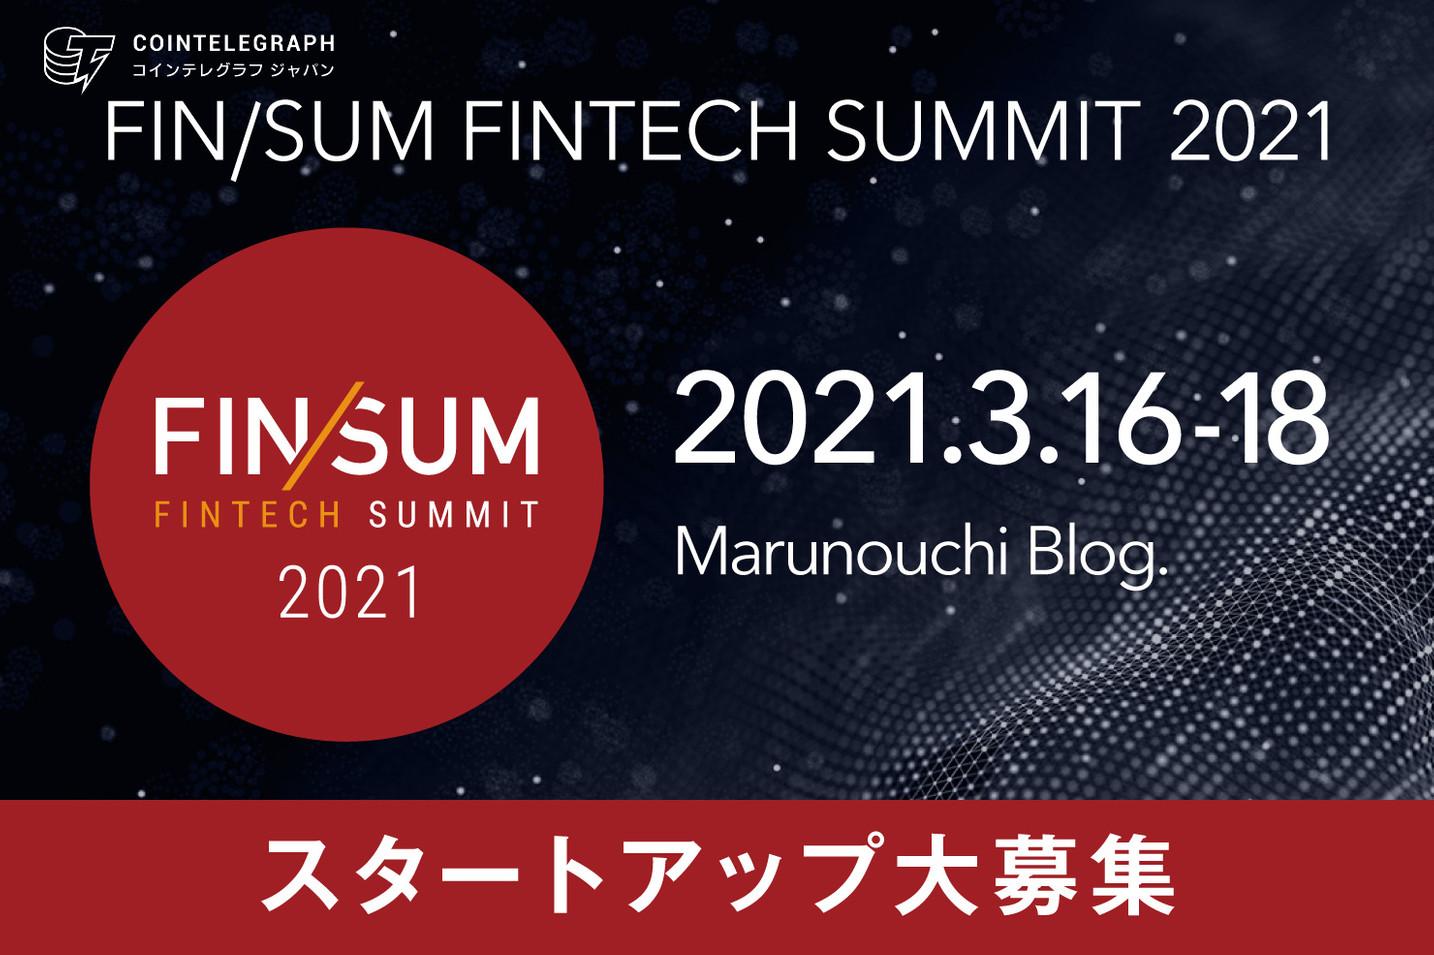 【応募締切1月31日まで】3月開催の日経・金融庁主催のフィンテックカンファレンス「FIN/SUM(フィンサム)2021」でピッチコンテストを実施